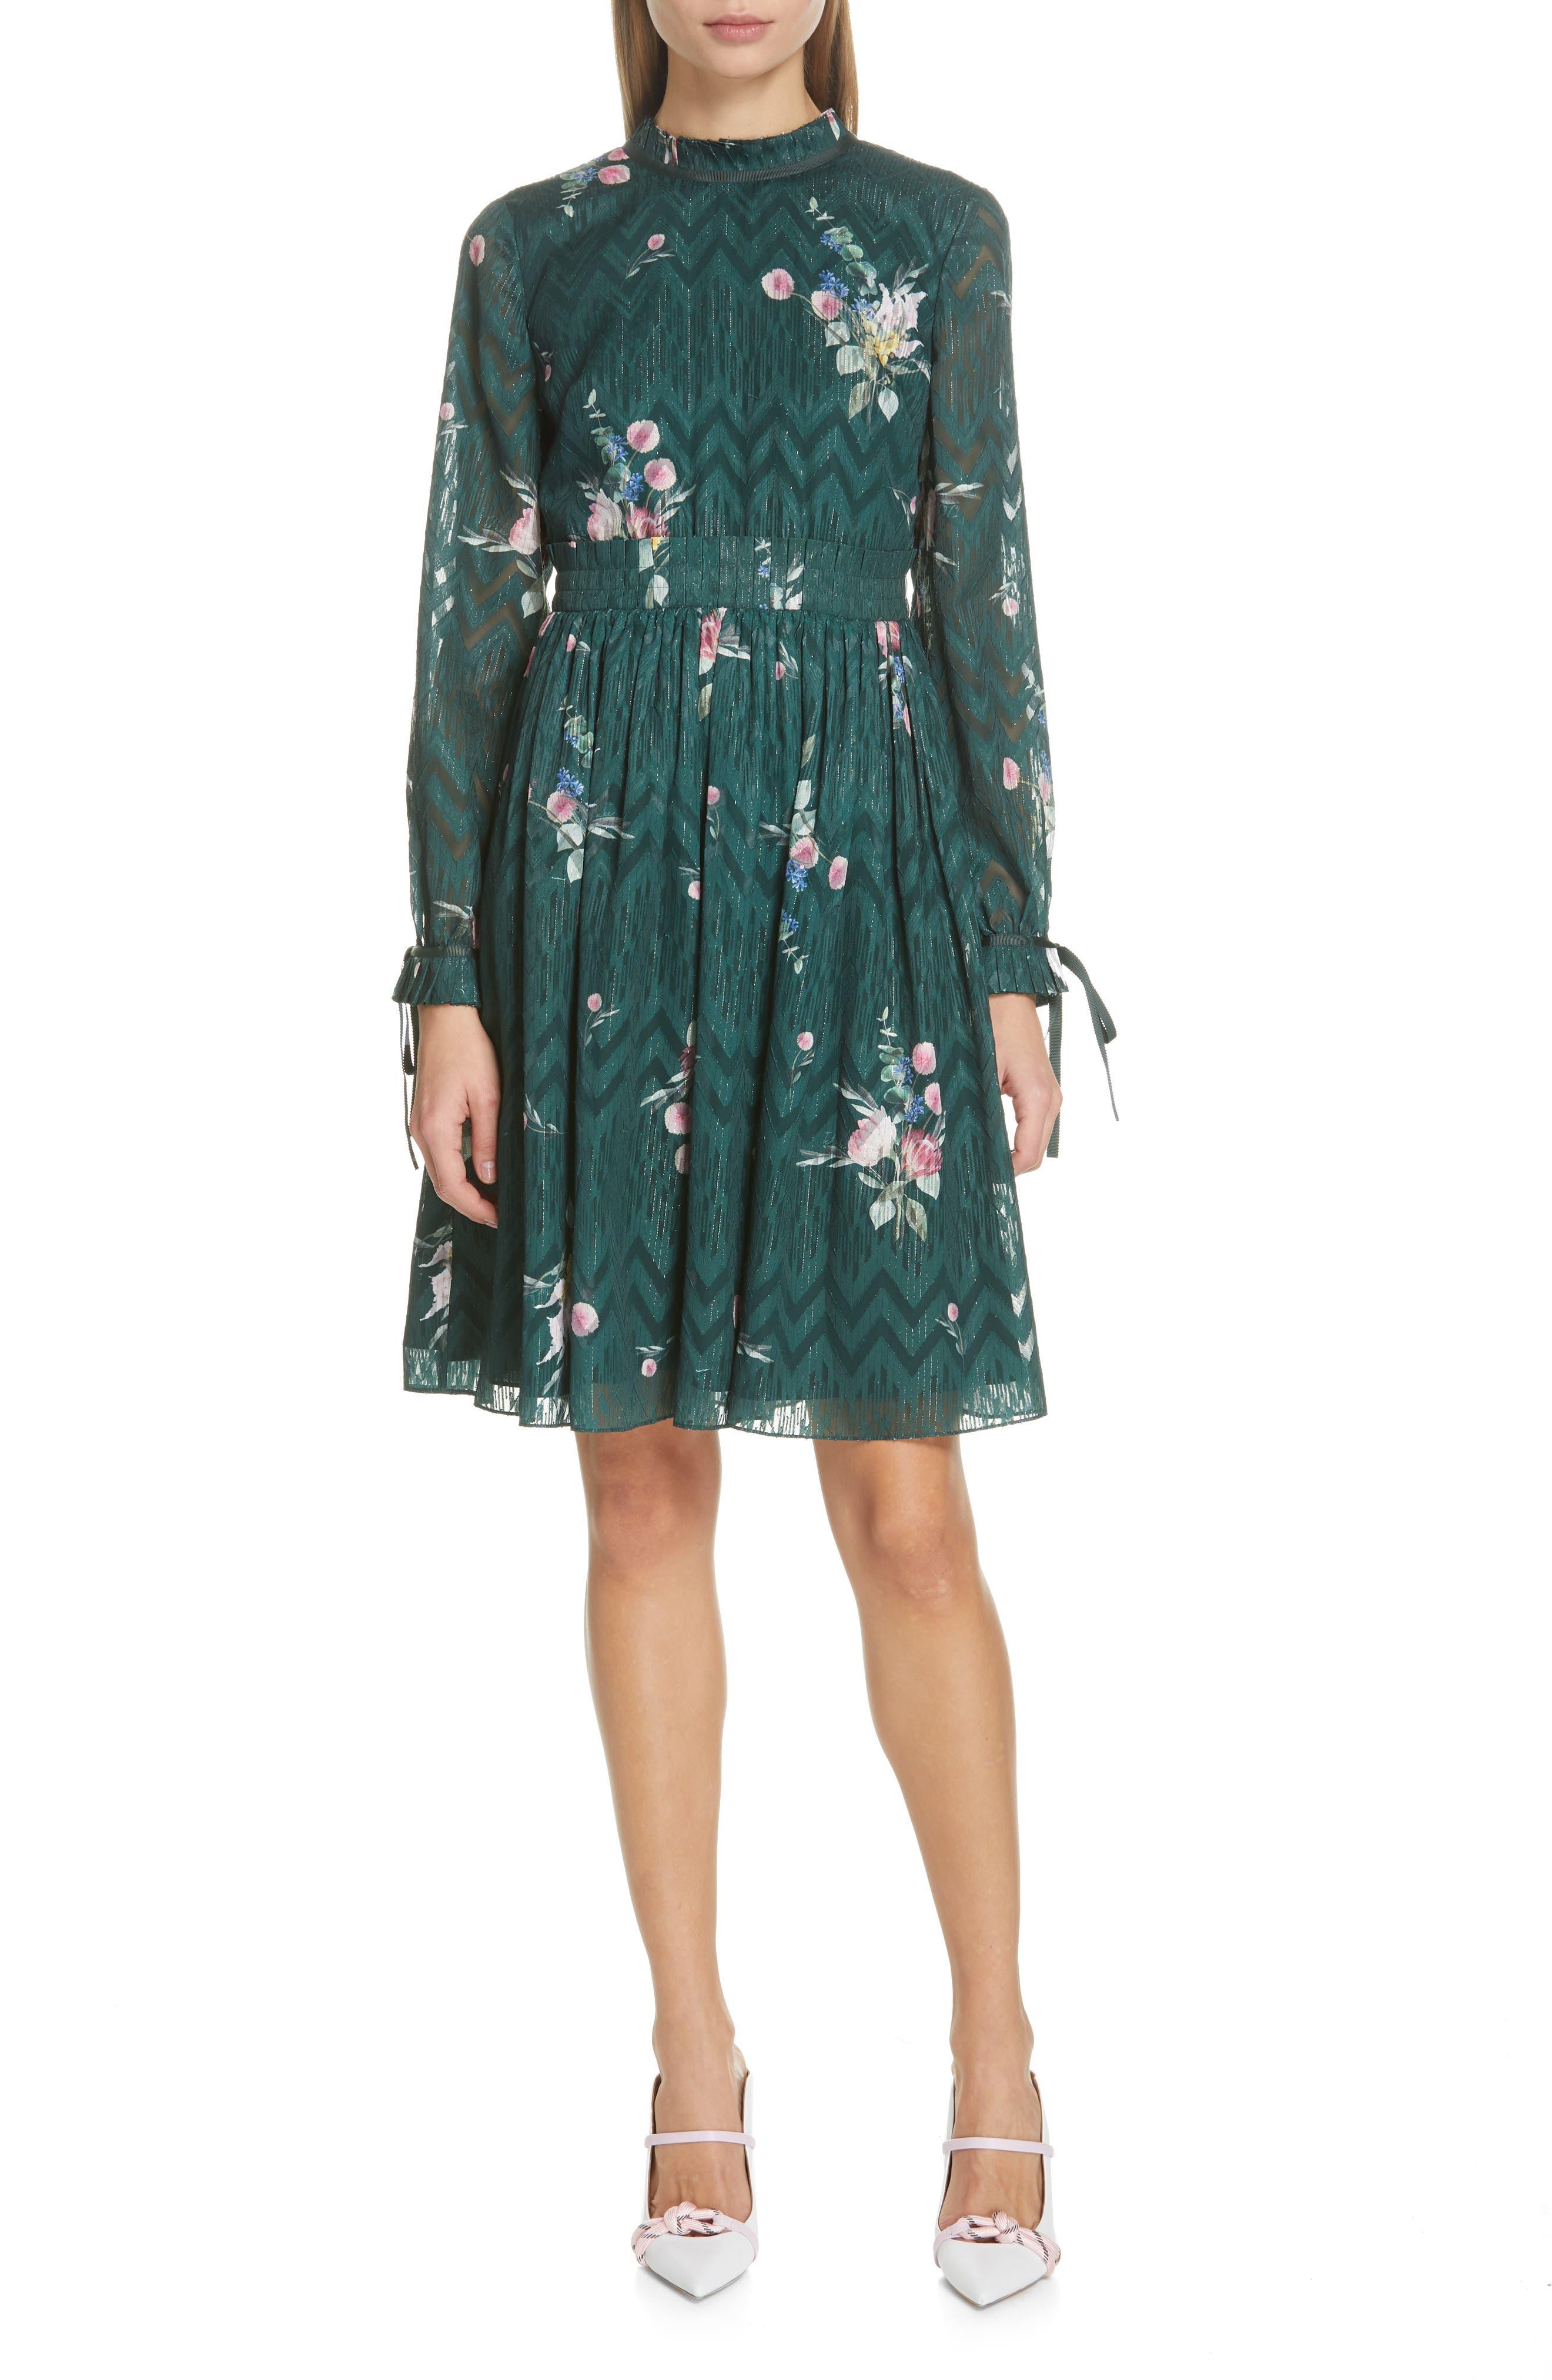 TED BAKER LONDON, Sofiya Floral Ribbon Tie Dress, Main thumbnail 1, color, DARK GREEN